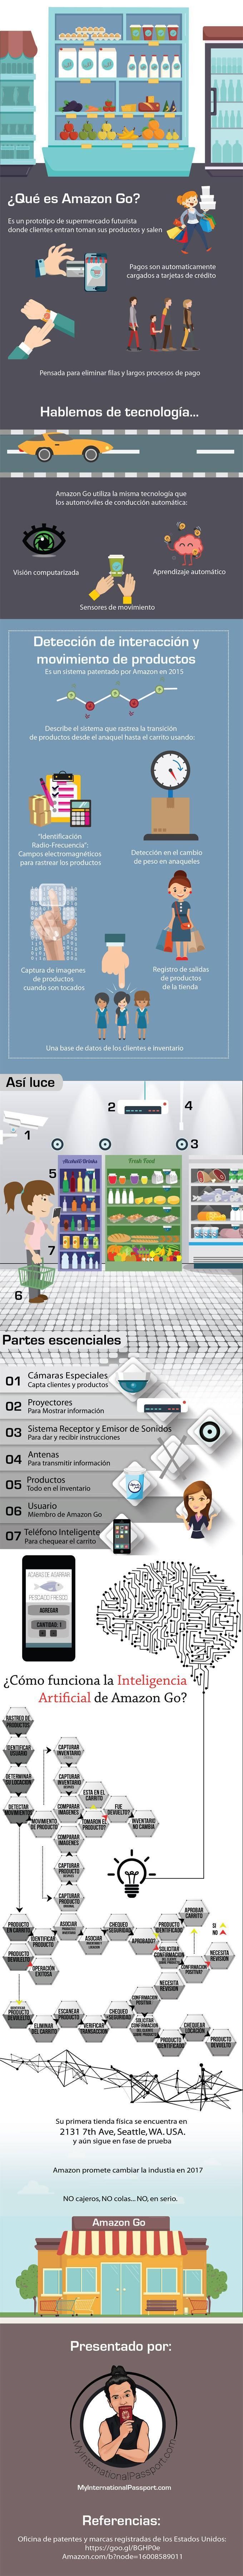 infografia_amazon_go_3